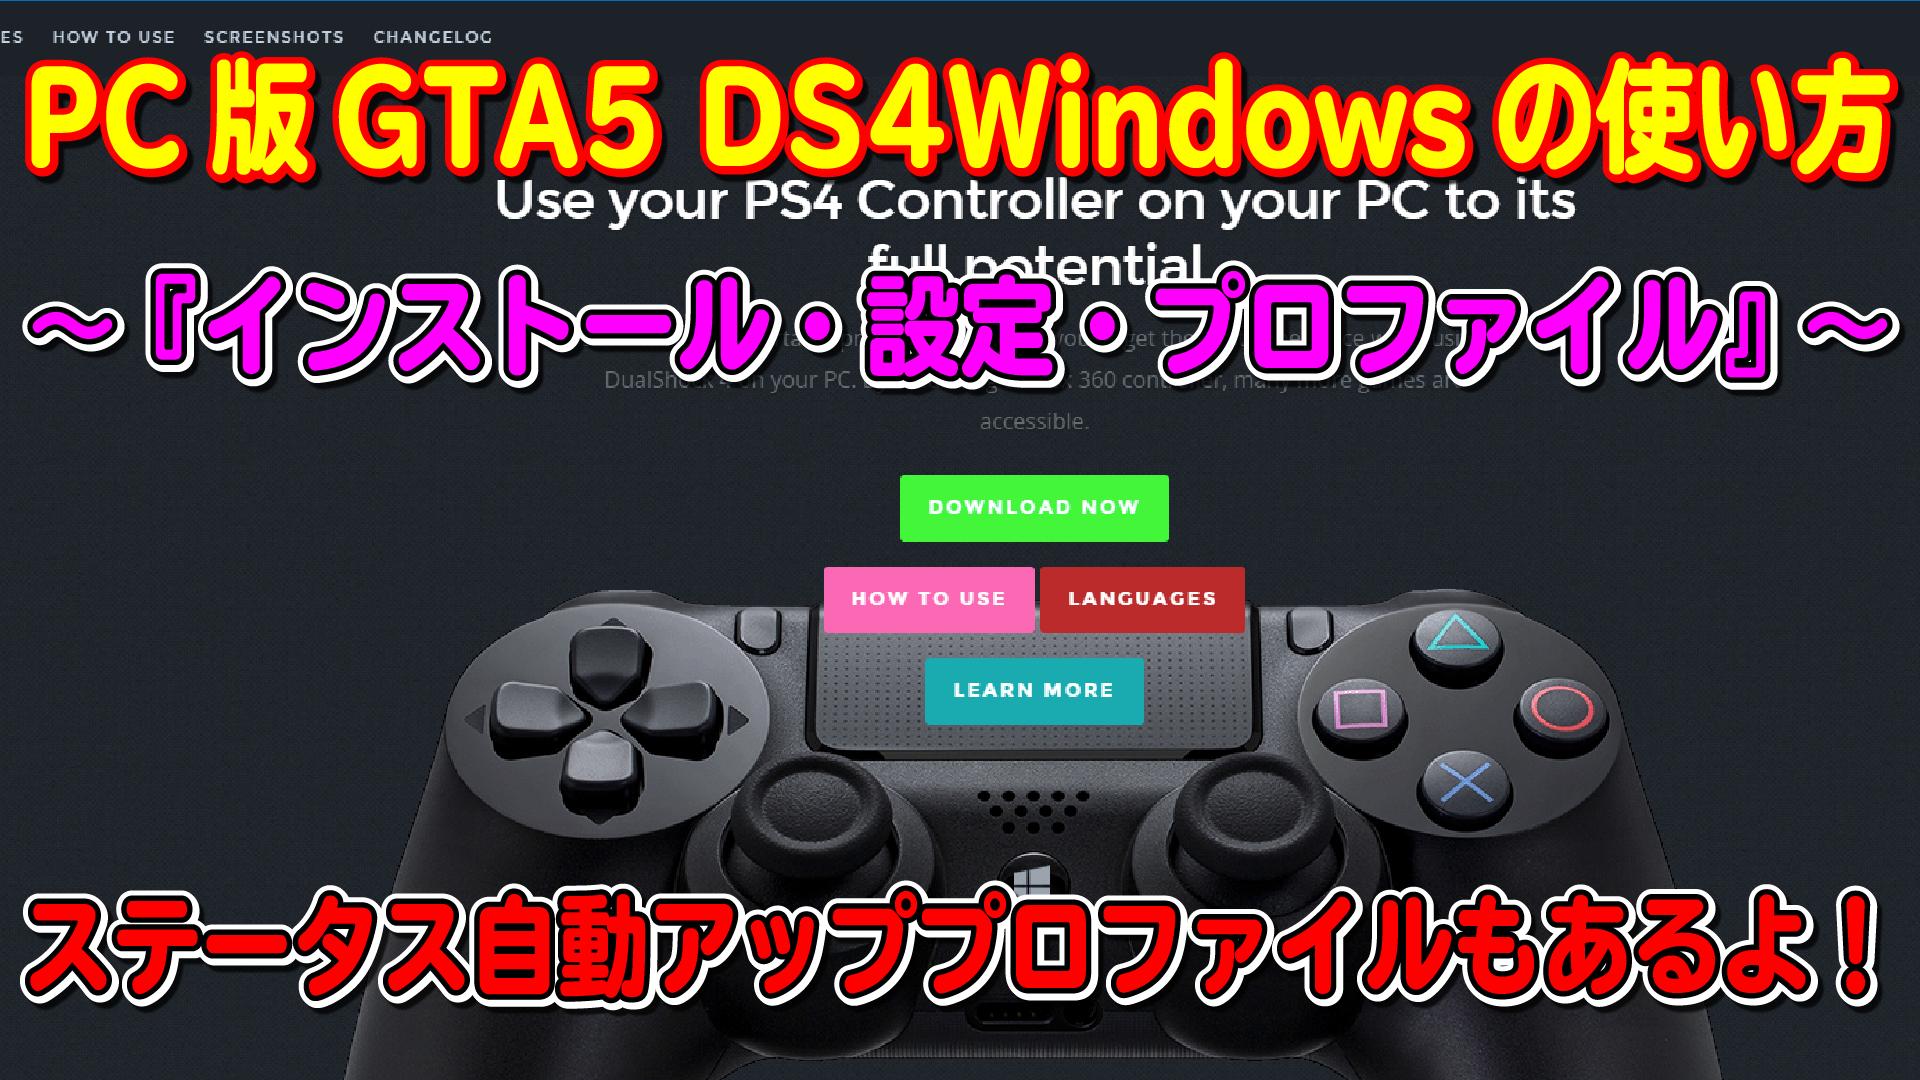 PC版GTA5でDS4Windowsを使用する方法と設定方法